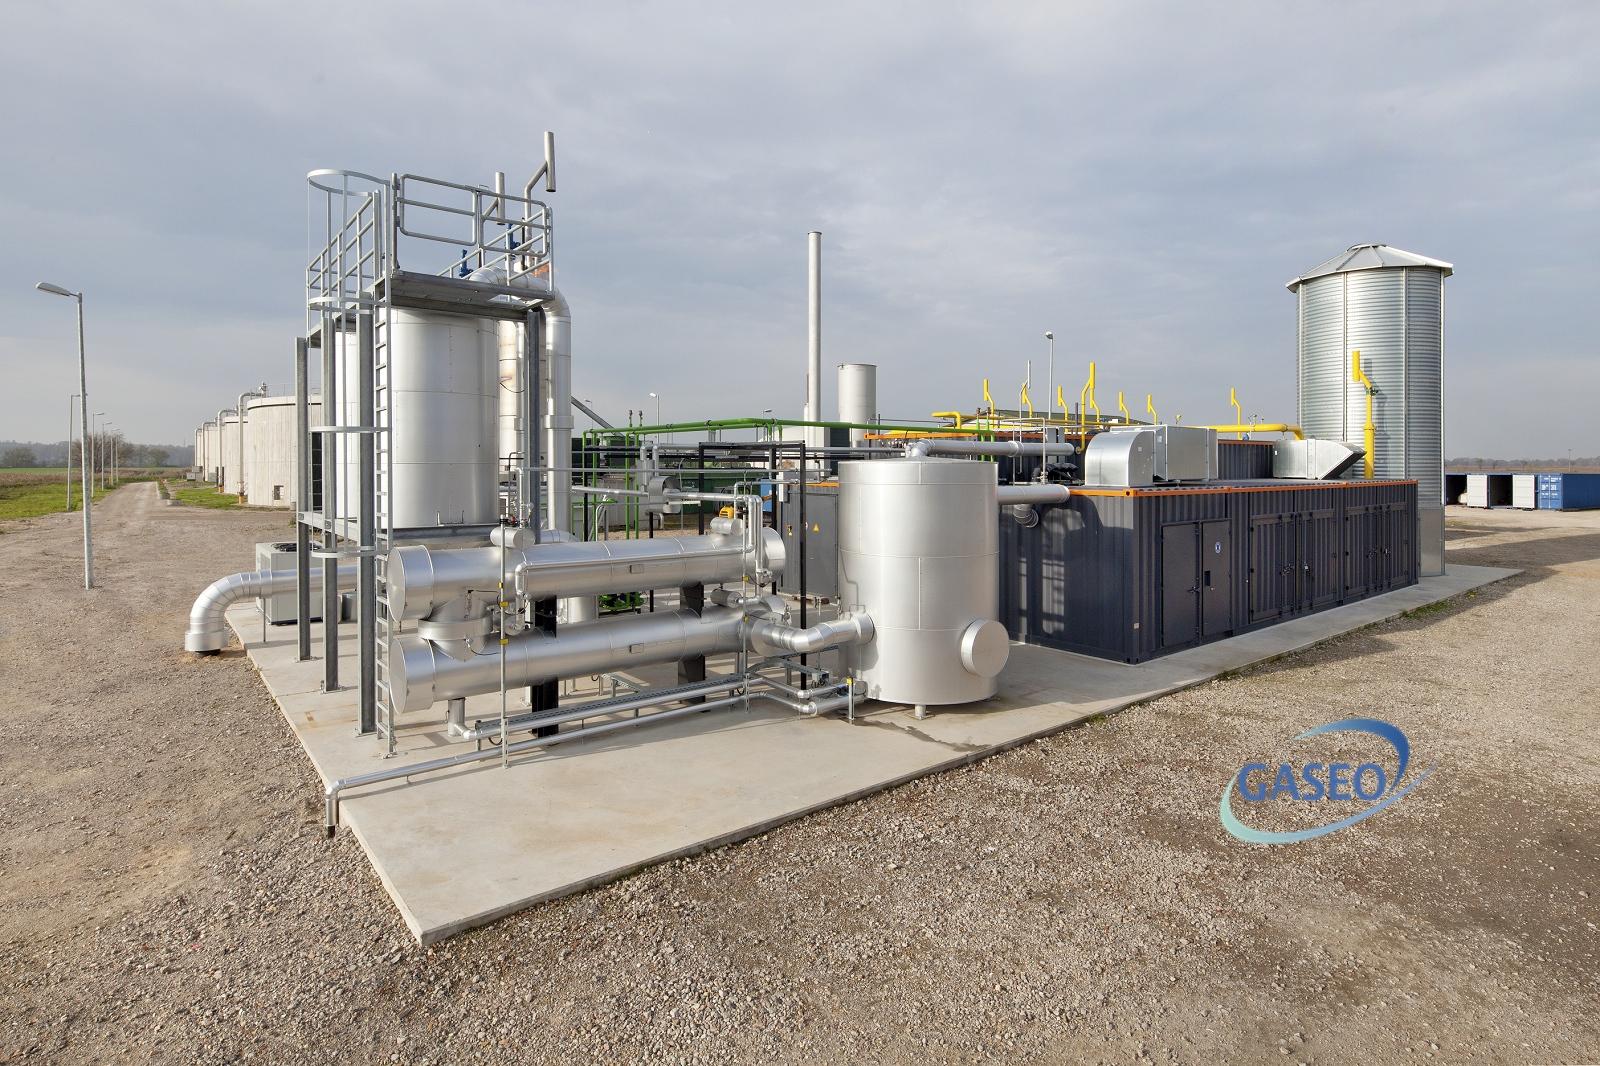 biogaz valorisation energie installation biométhane PSA Pressure Swing Adsorption réinjection réseau GASEO